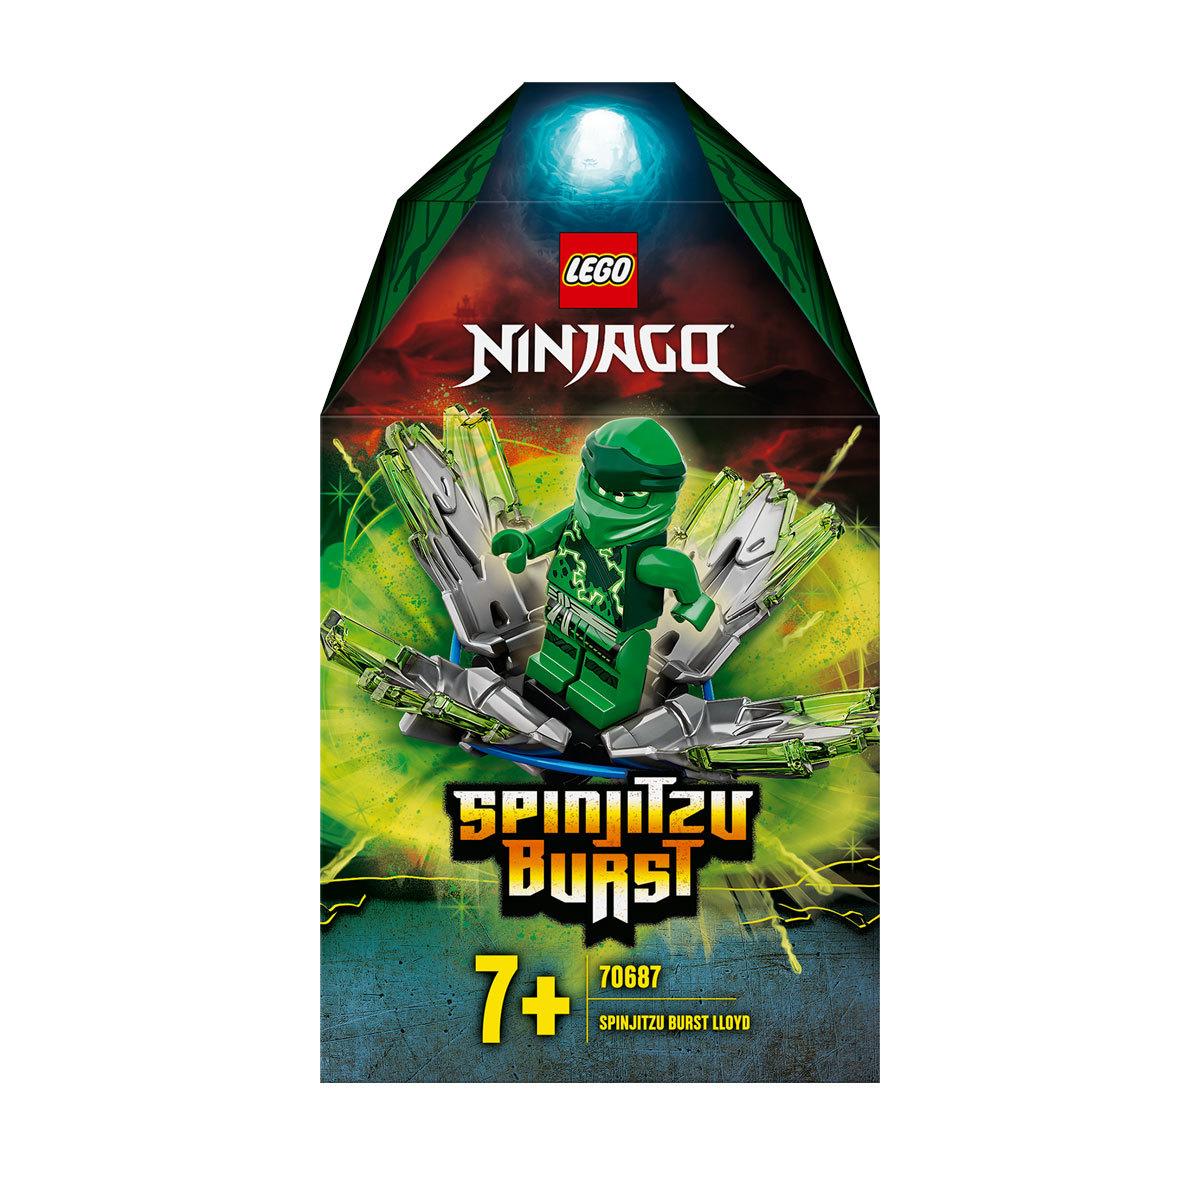 Lego Ninjago Spinjitzu Burst Lloyd Green Ninja Spinner 70687 The Entertainer